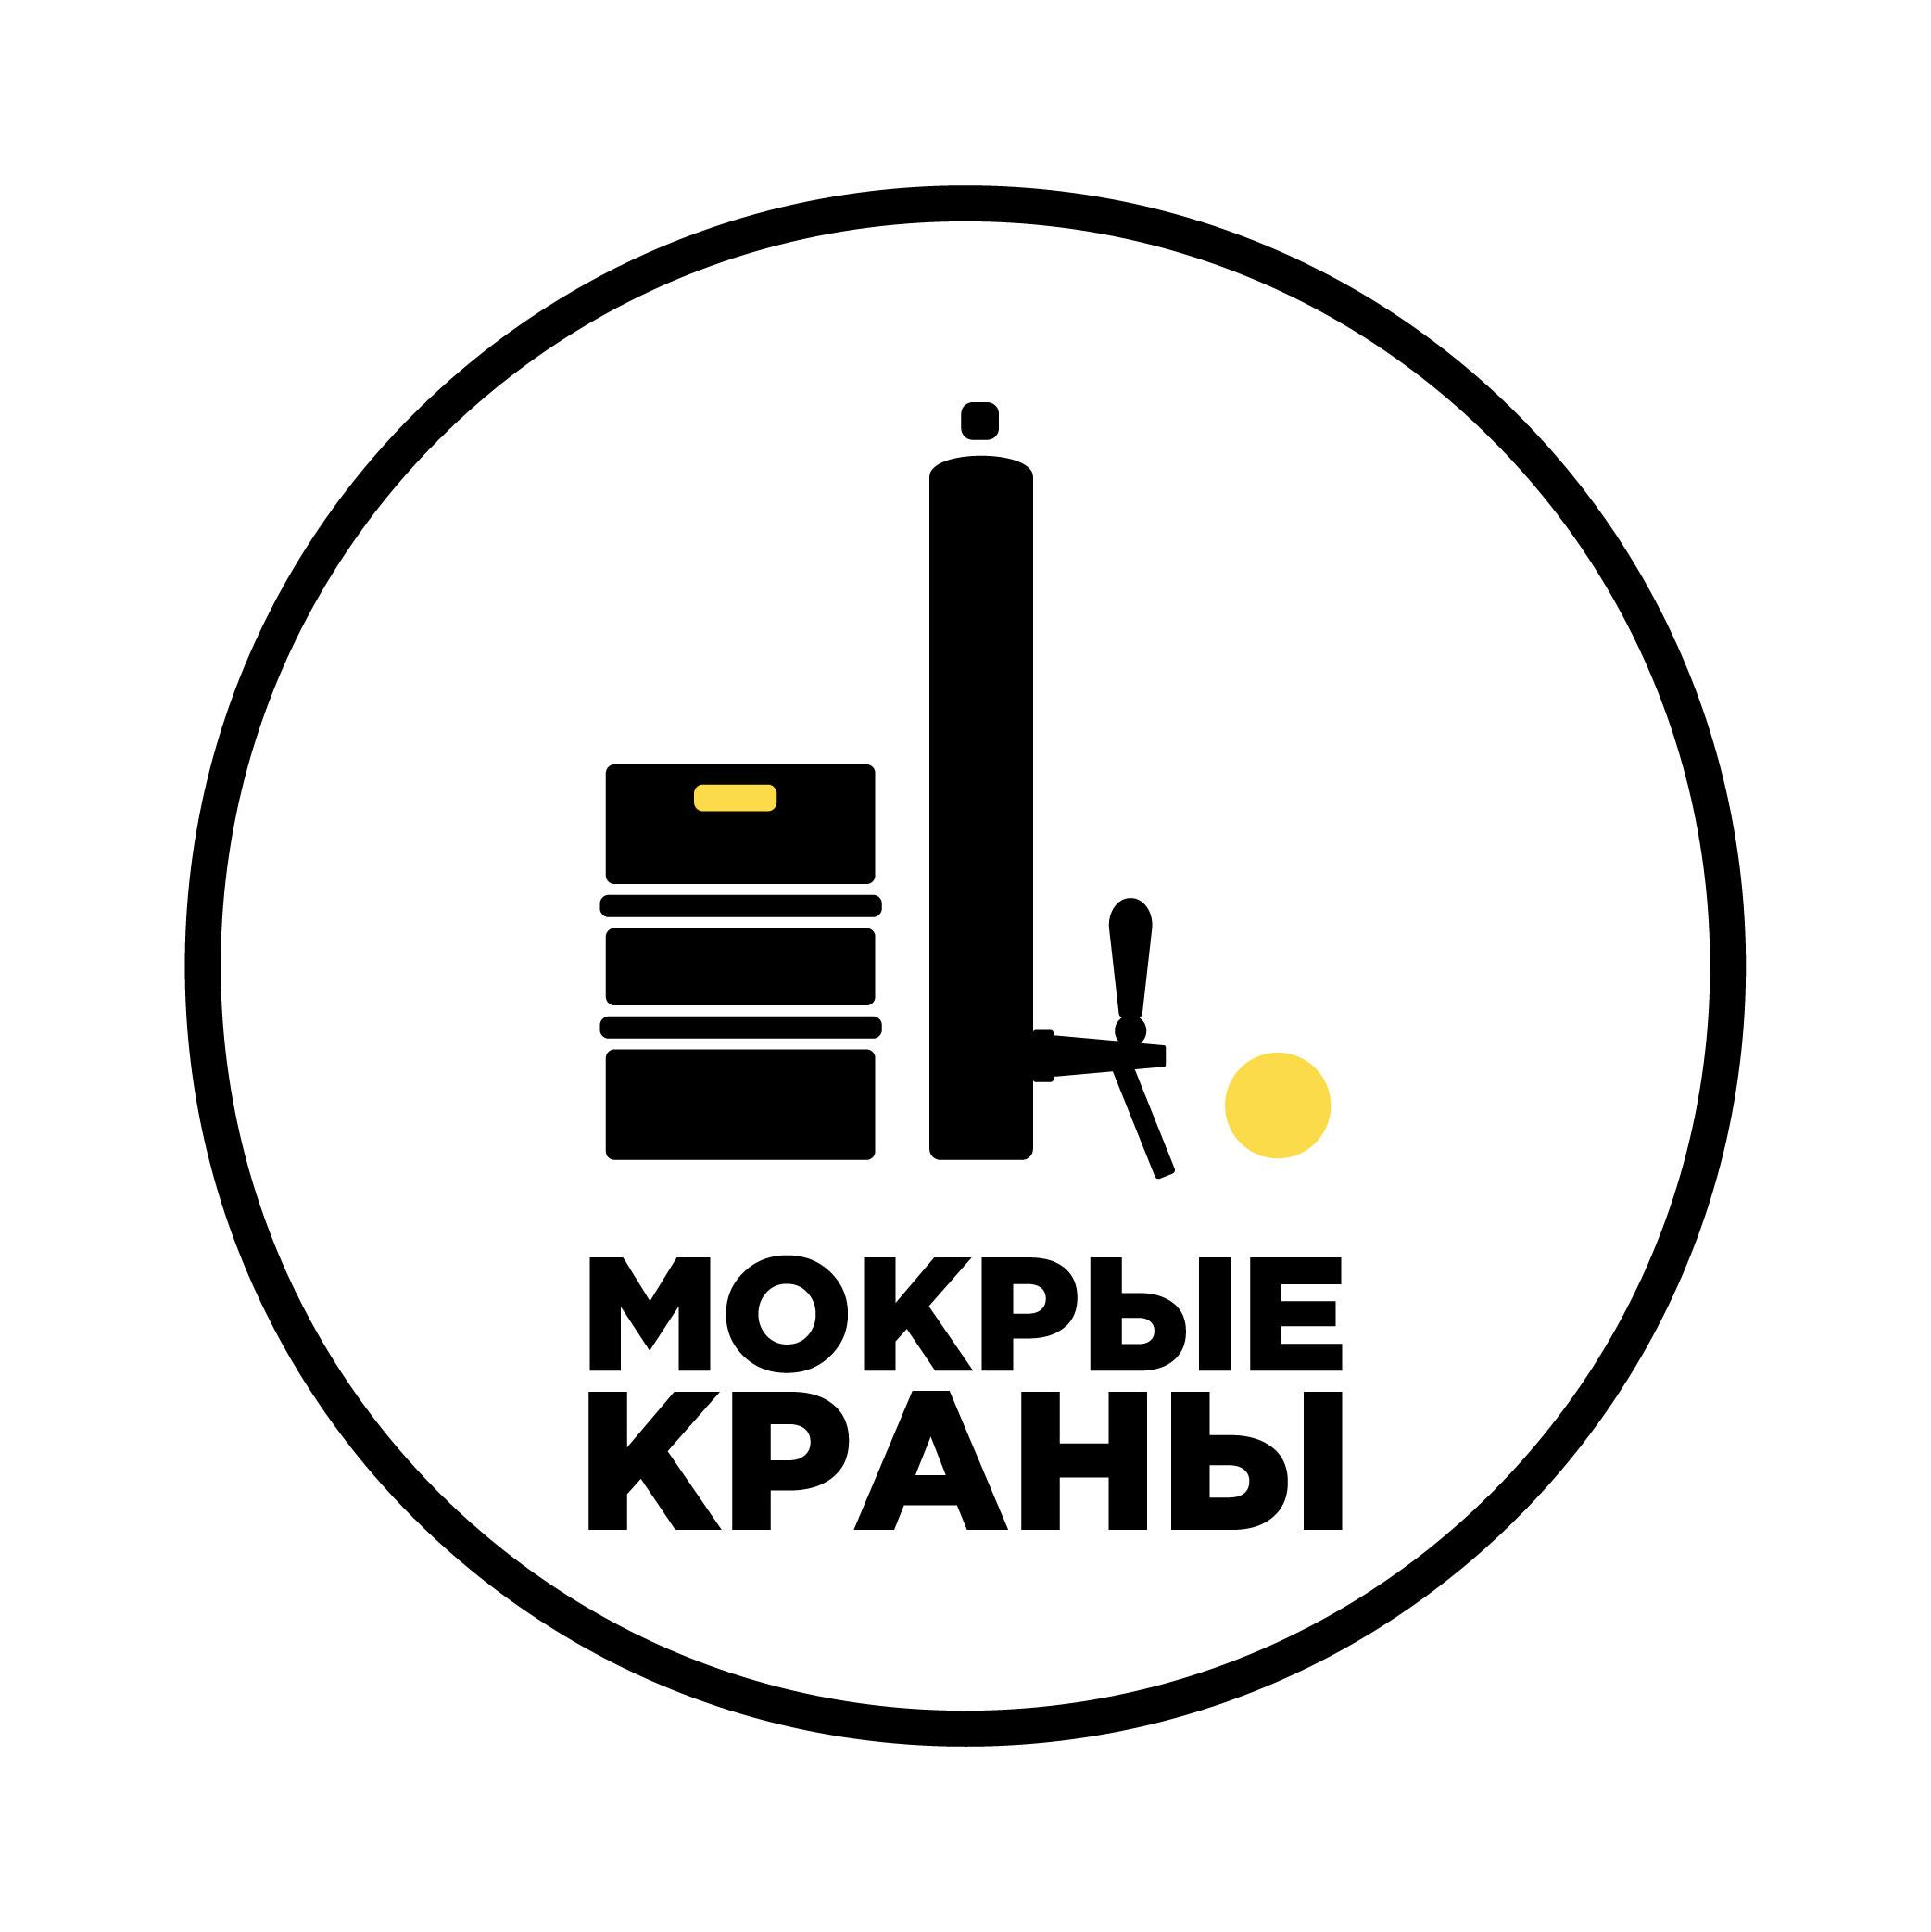 Вывеска/логотип для пивного магазина фото f_5976024ad771a466.jpg